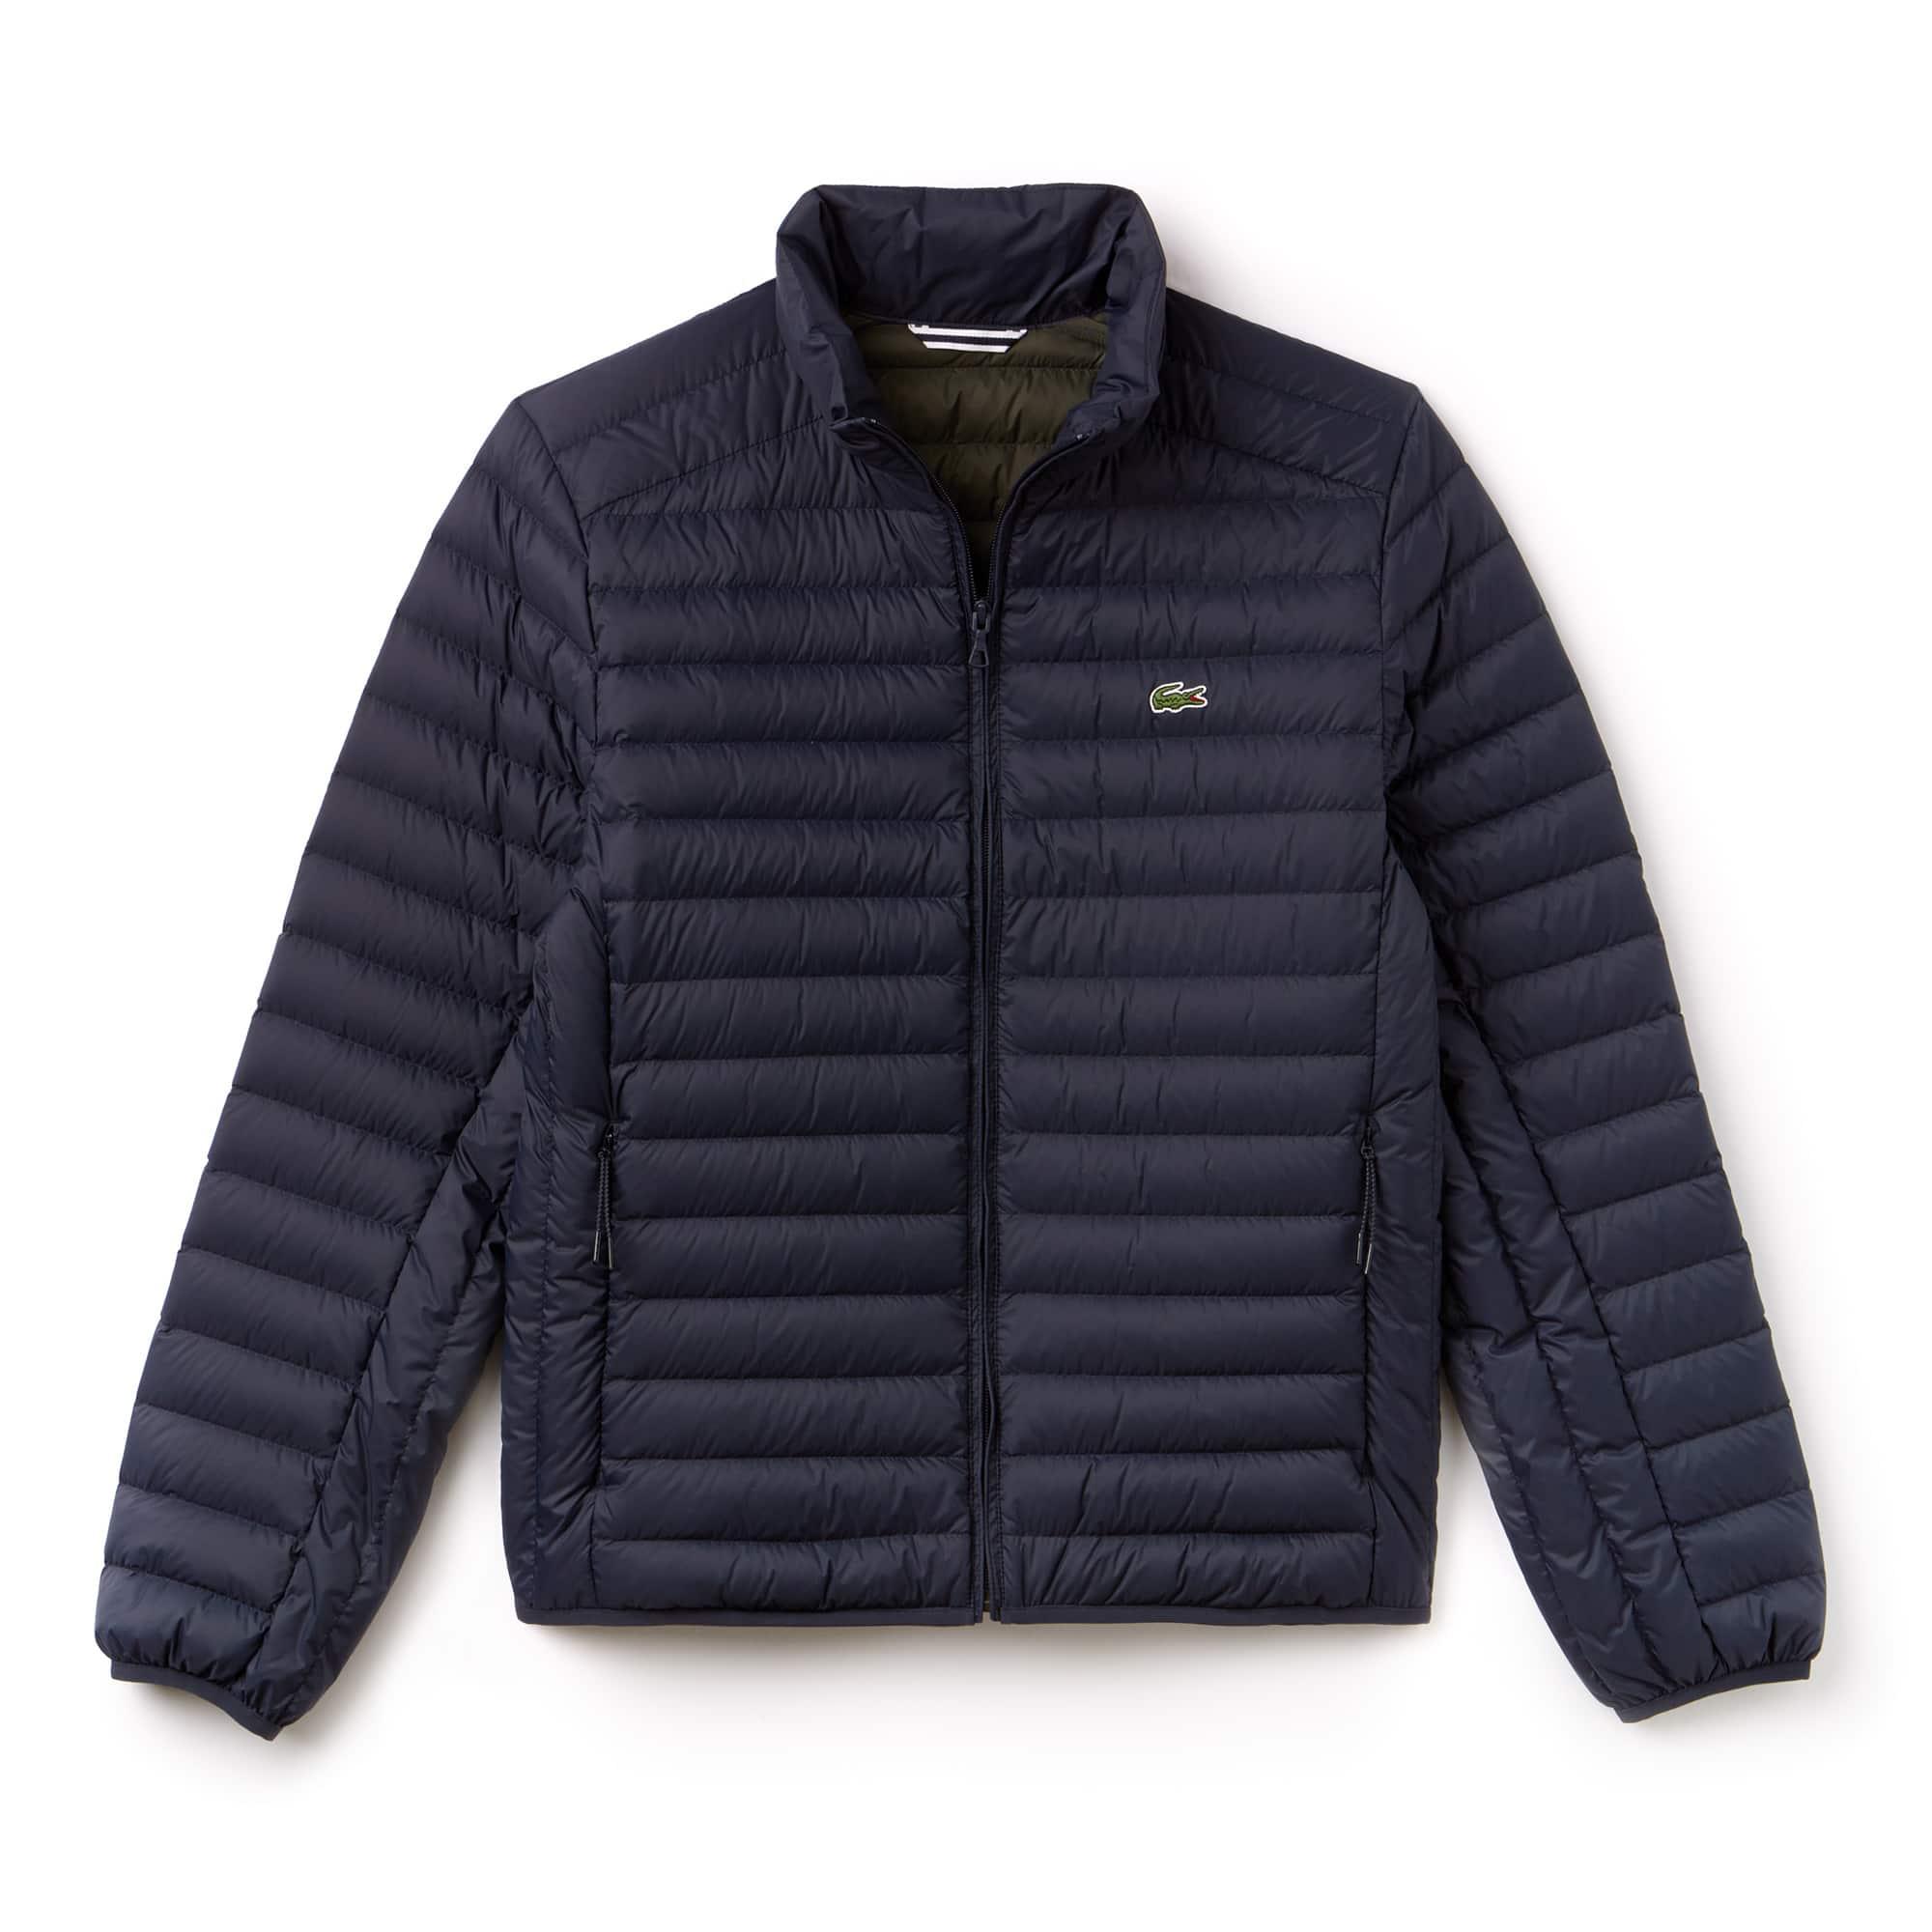 라코스테 초경량 퀼팅 자켓 메르디앙 블루 Lacoste Mens Short Contrast Lining Quilted Jacket, meridian blue, BH9389-51